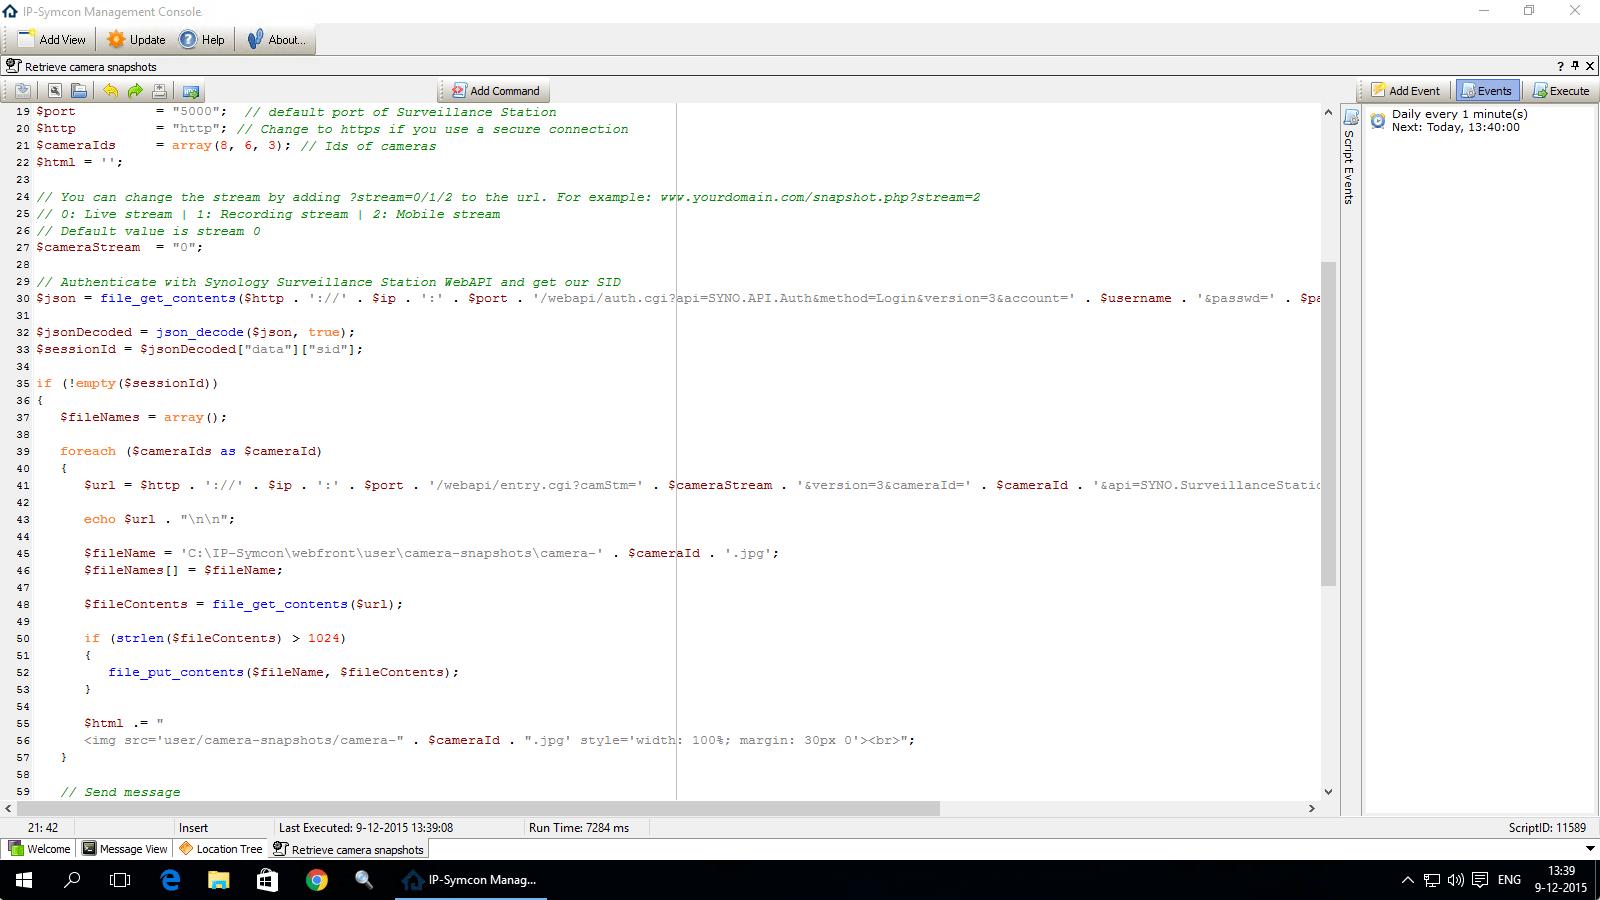 IP-Symcon managament console - script editen